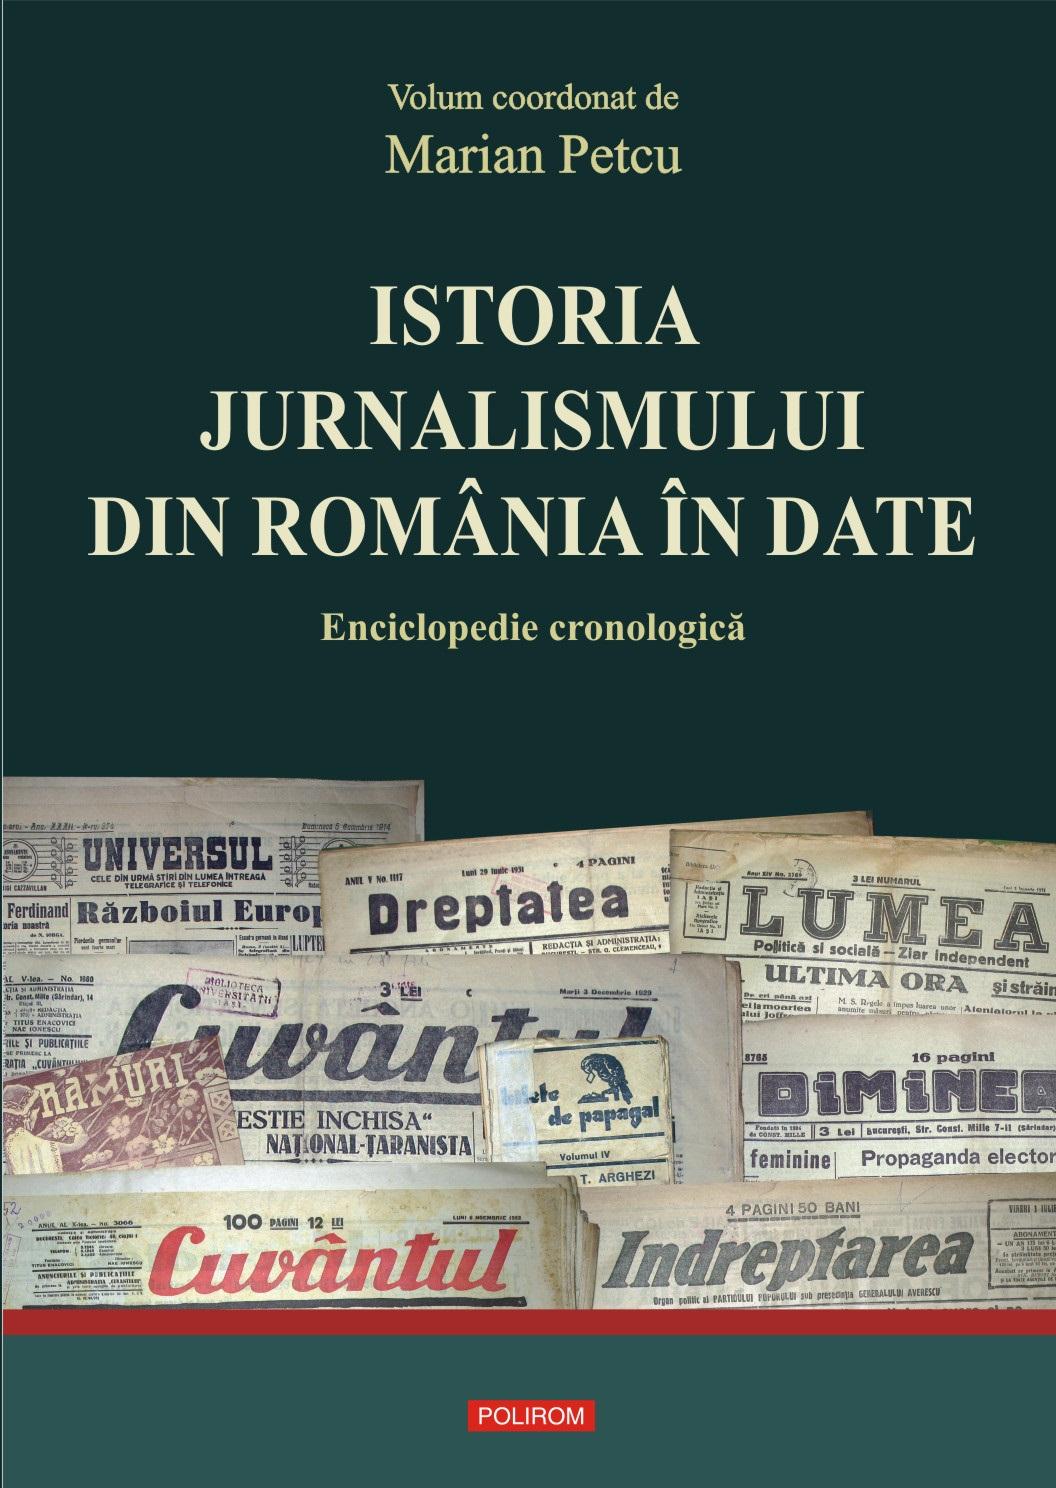 Istoria jurnalismului din Romania in date